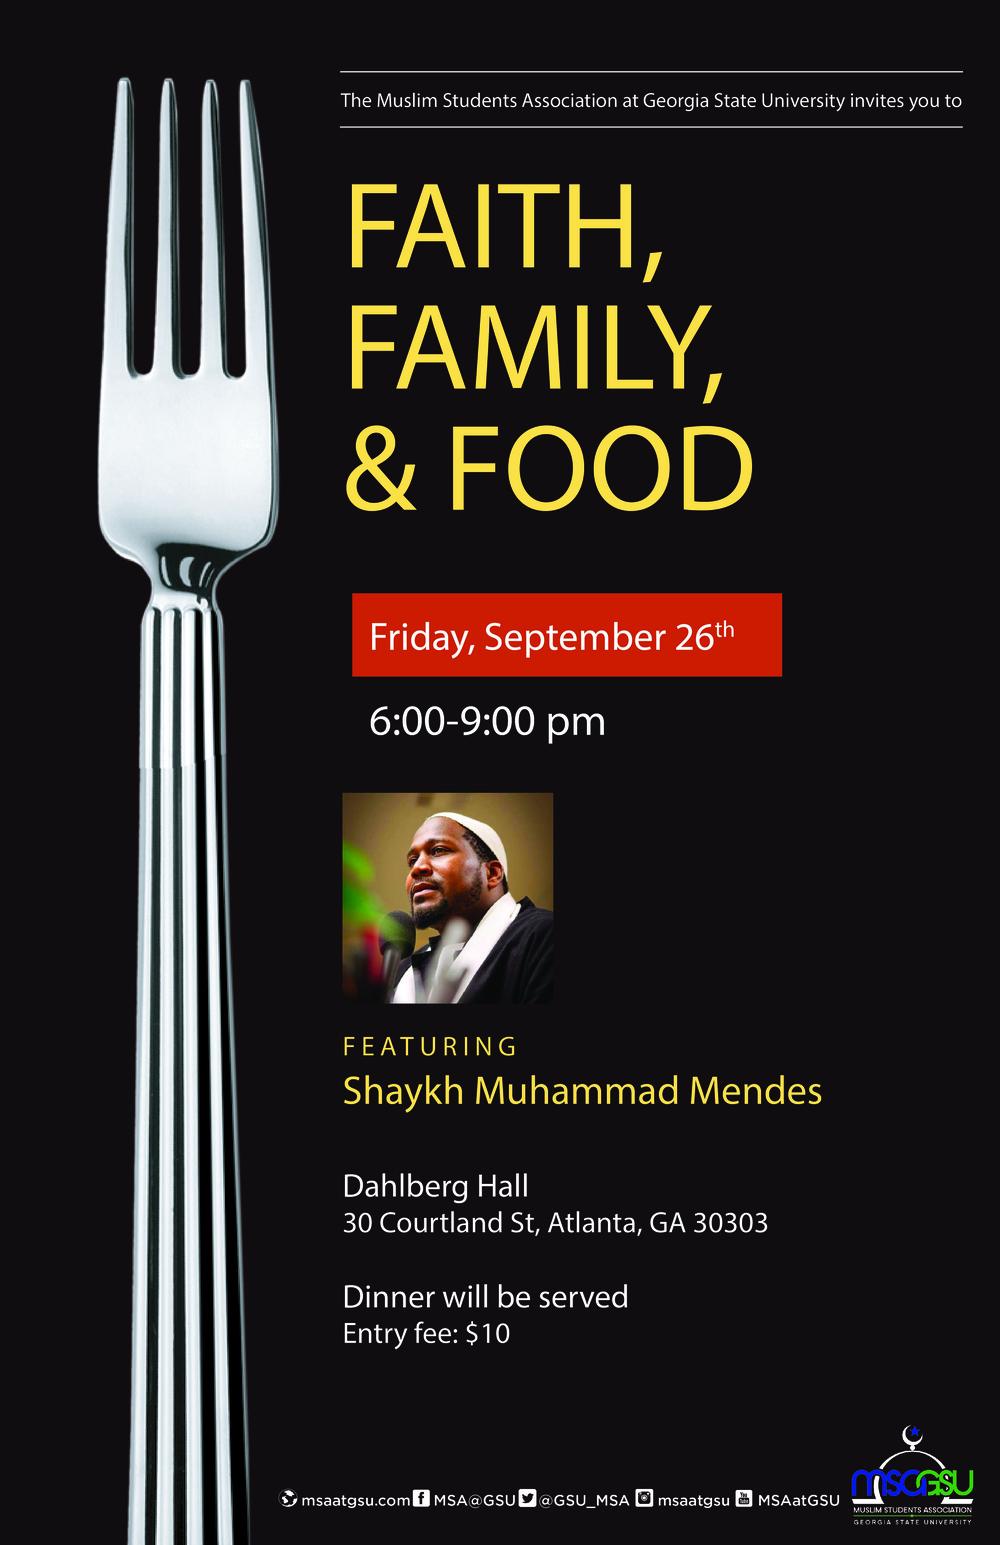 Faith, Family, & Food